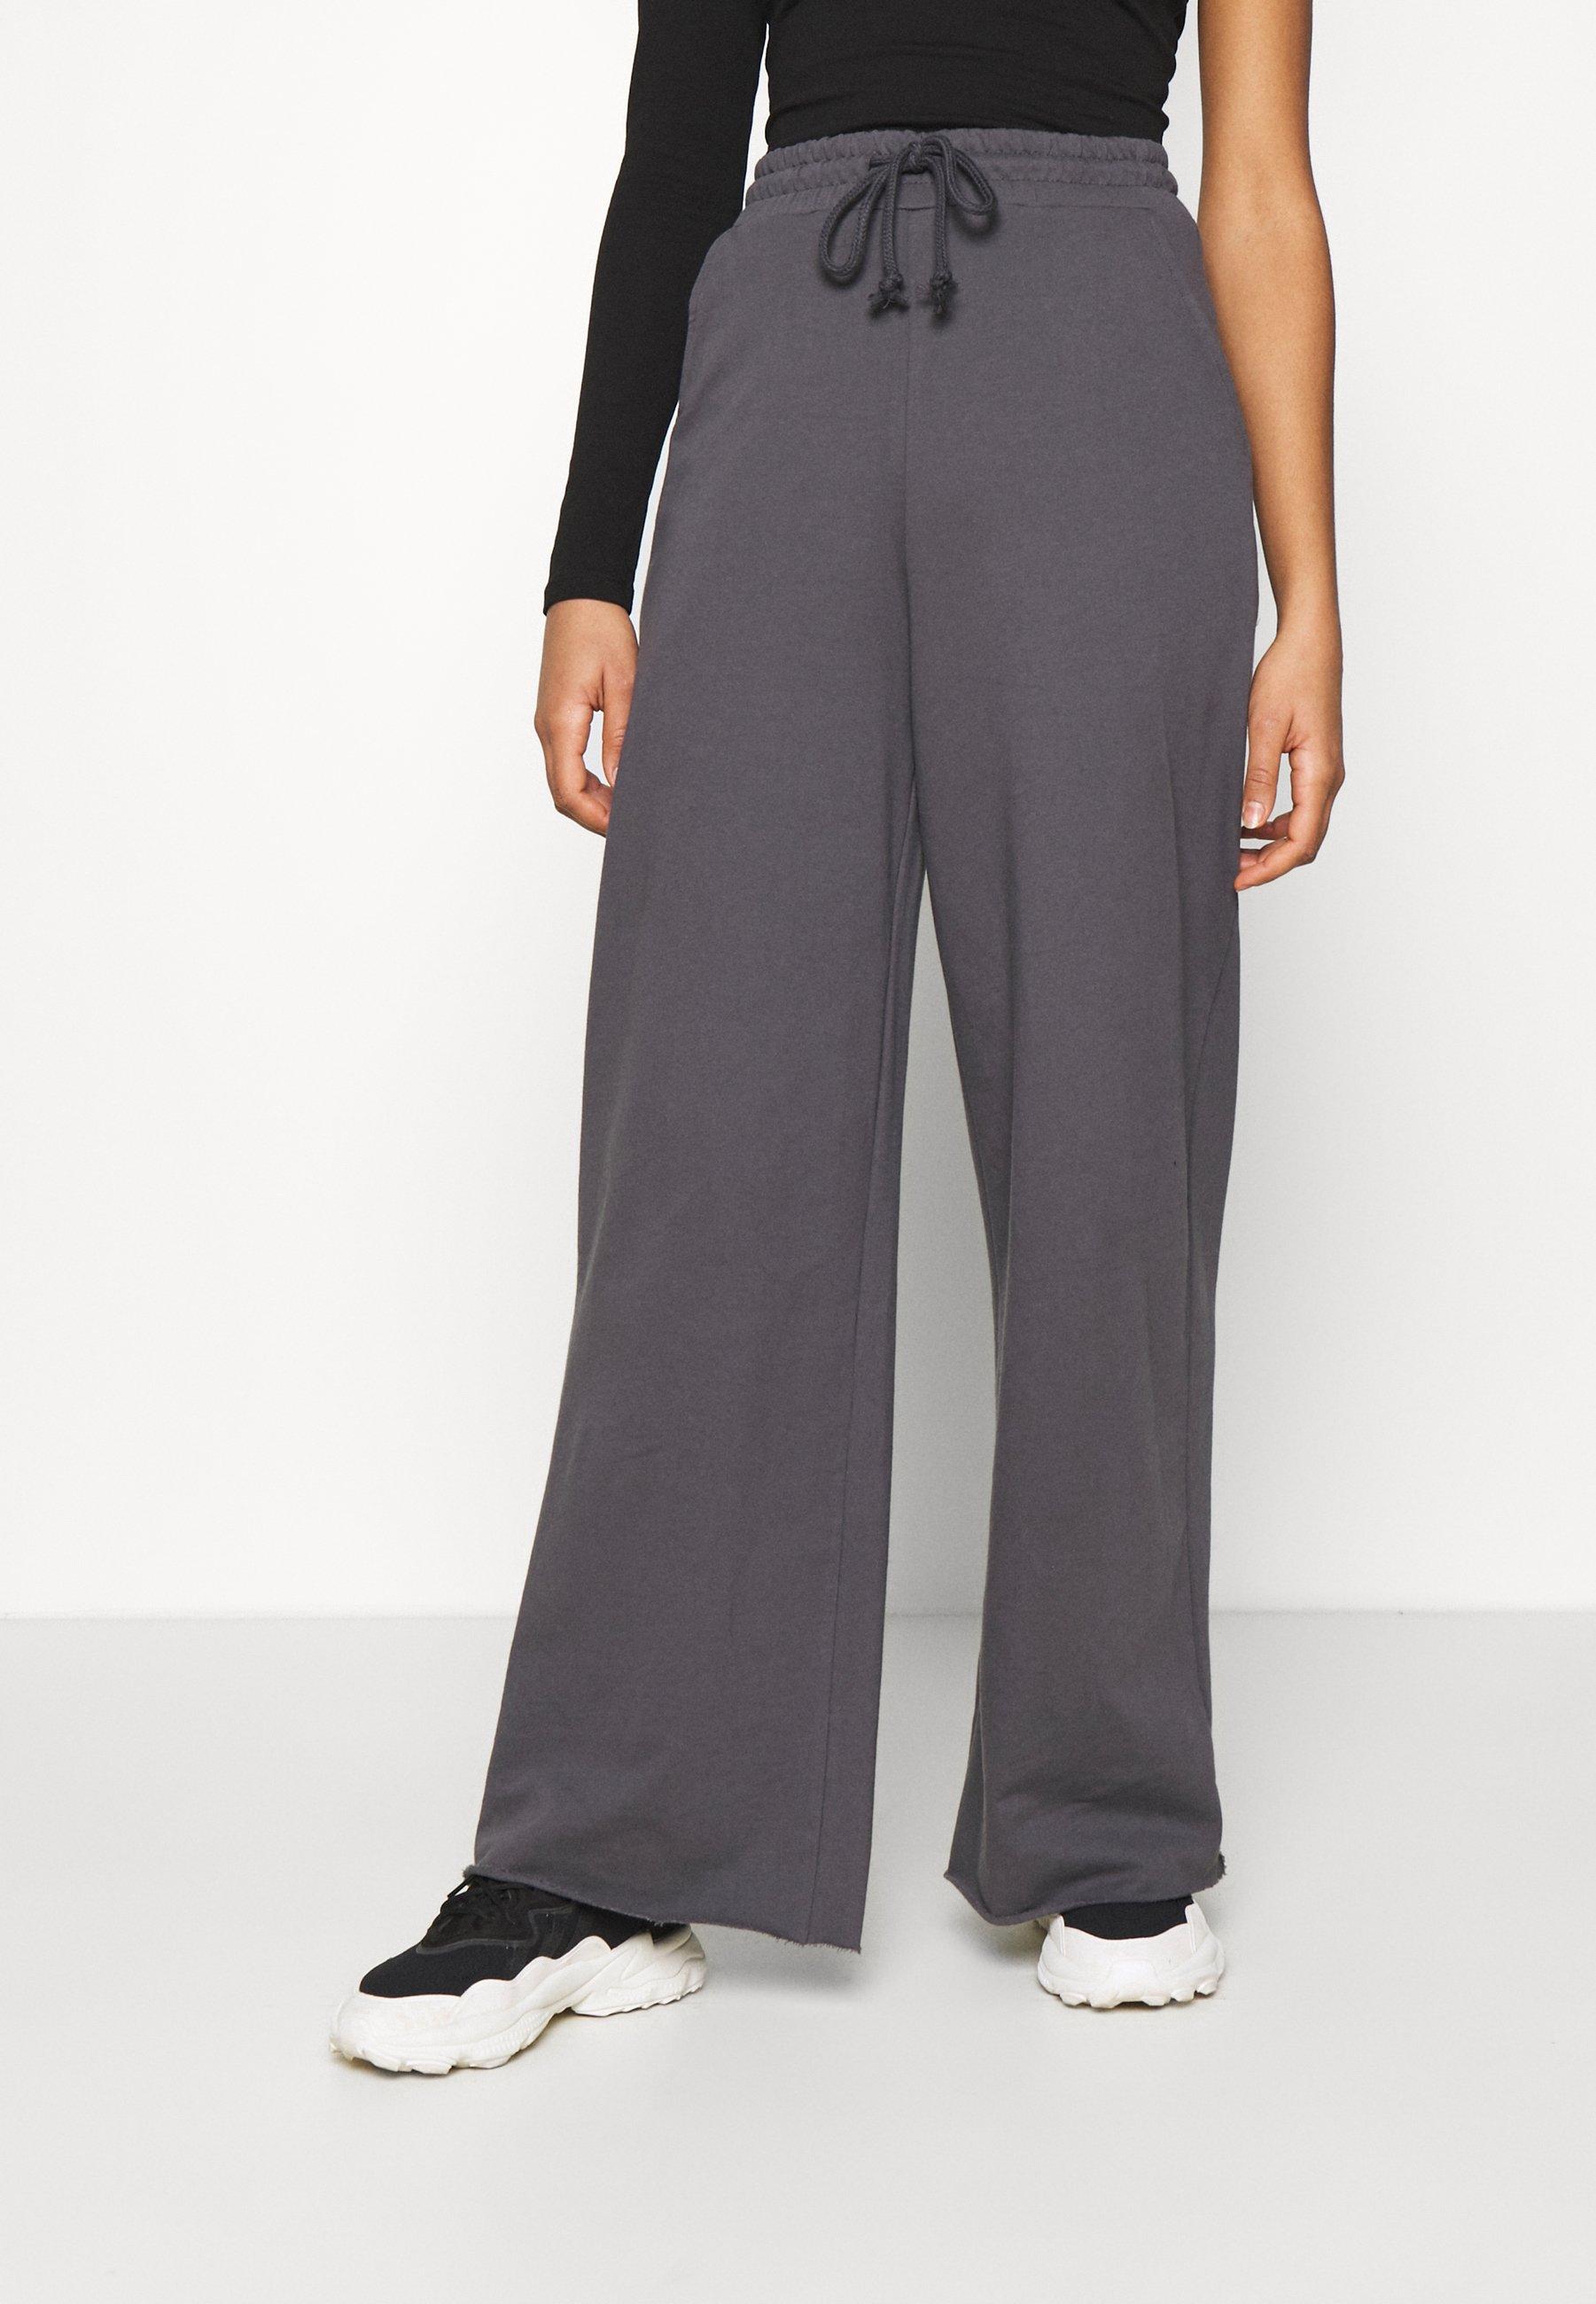 Femme ALL YOU NEED PANTS - Pantalon de survêtement